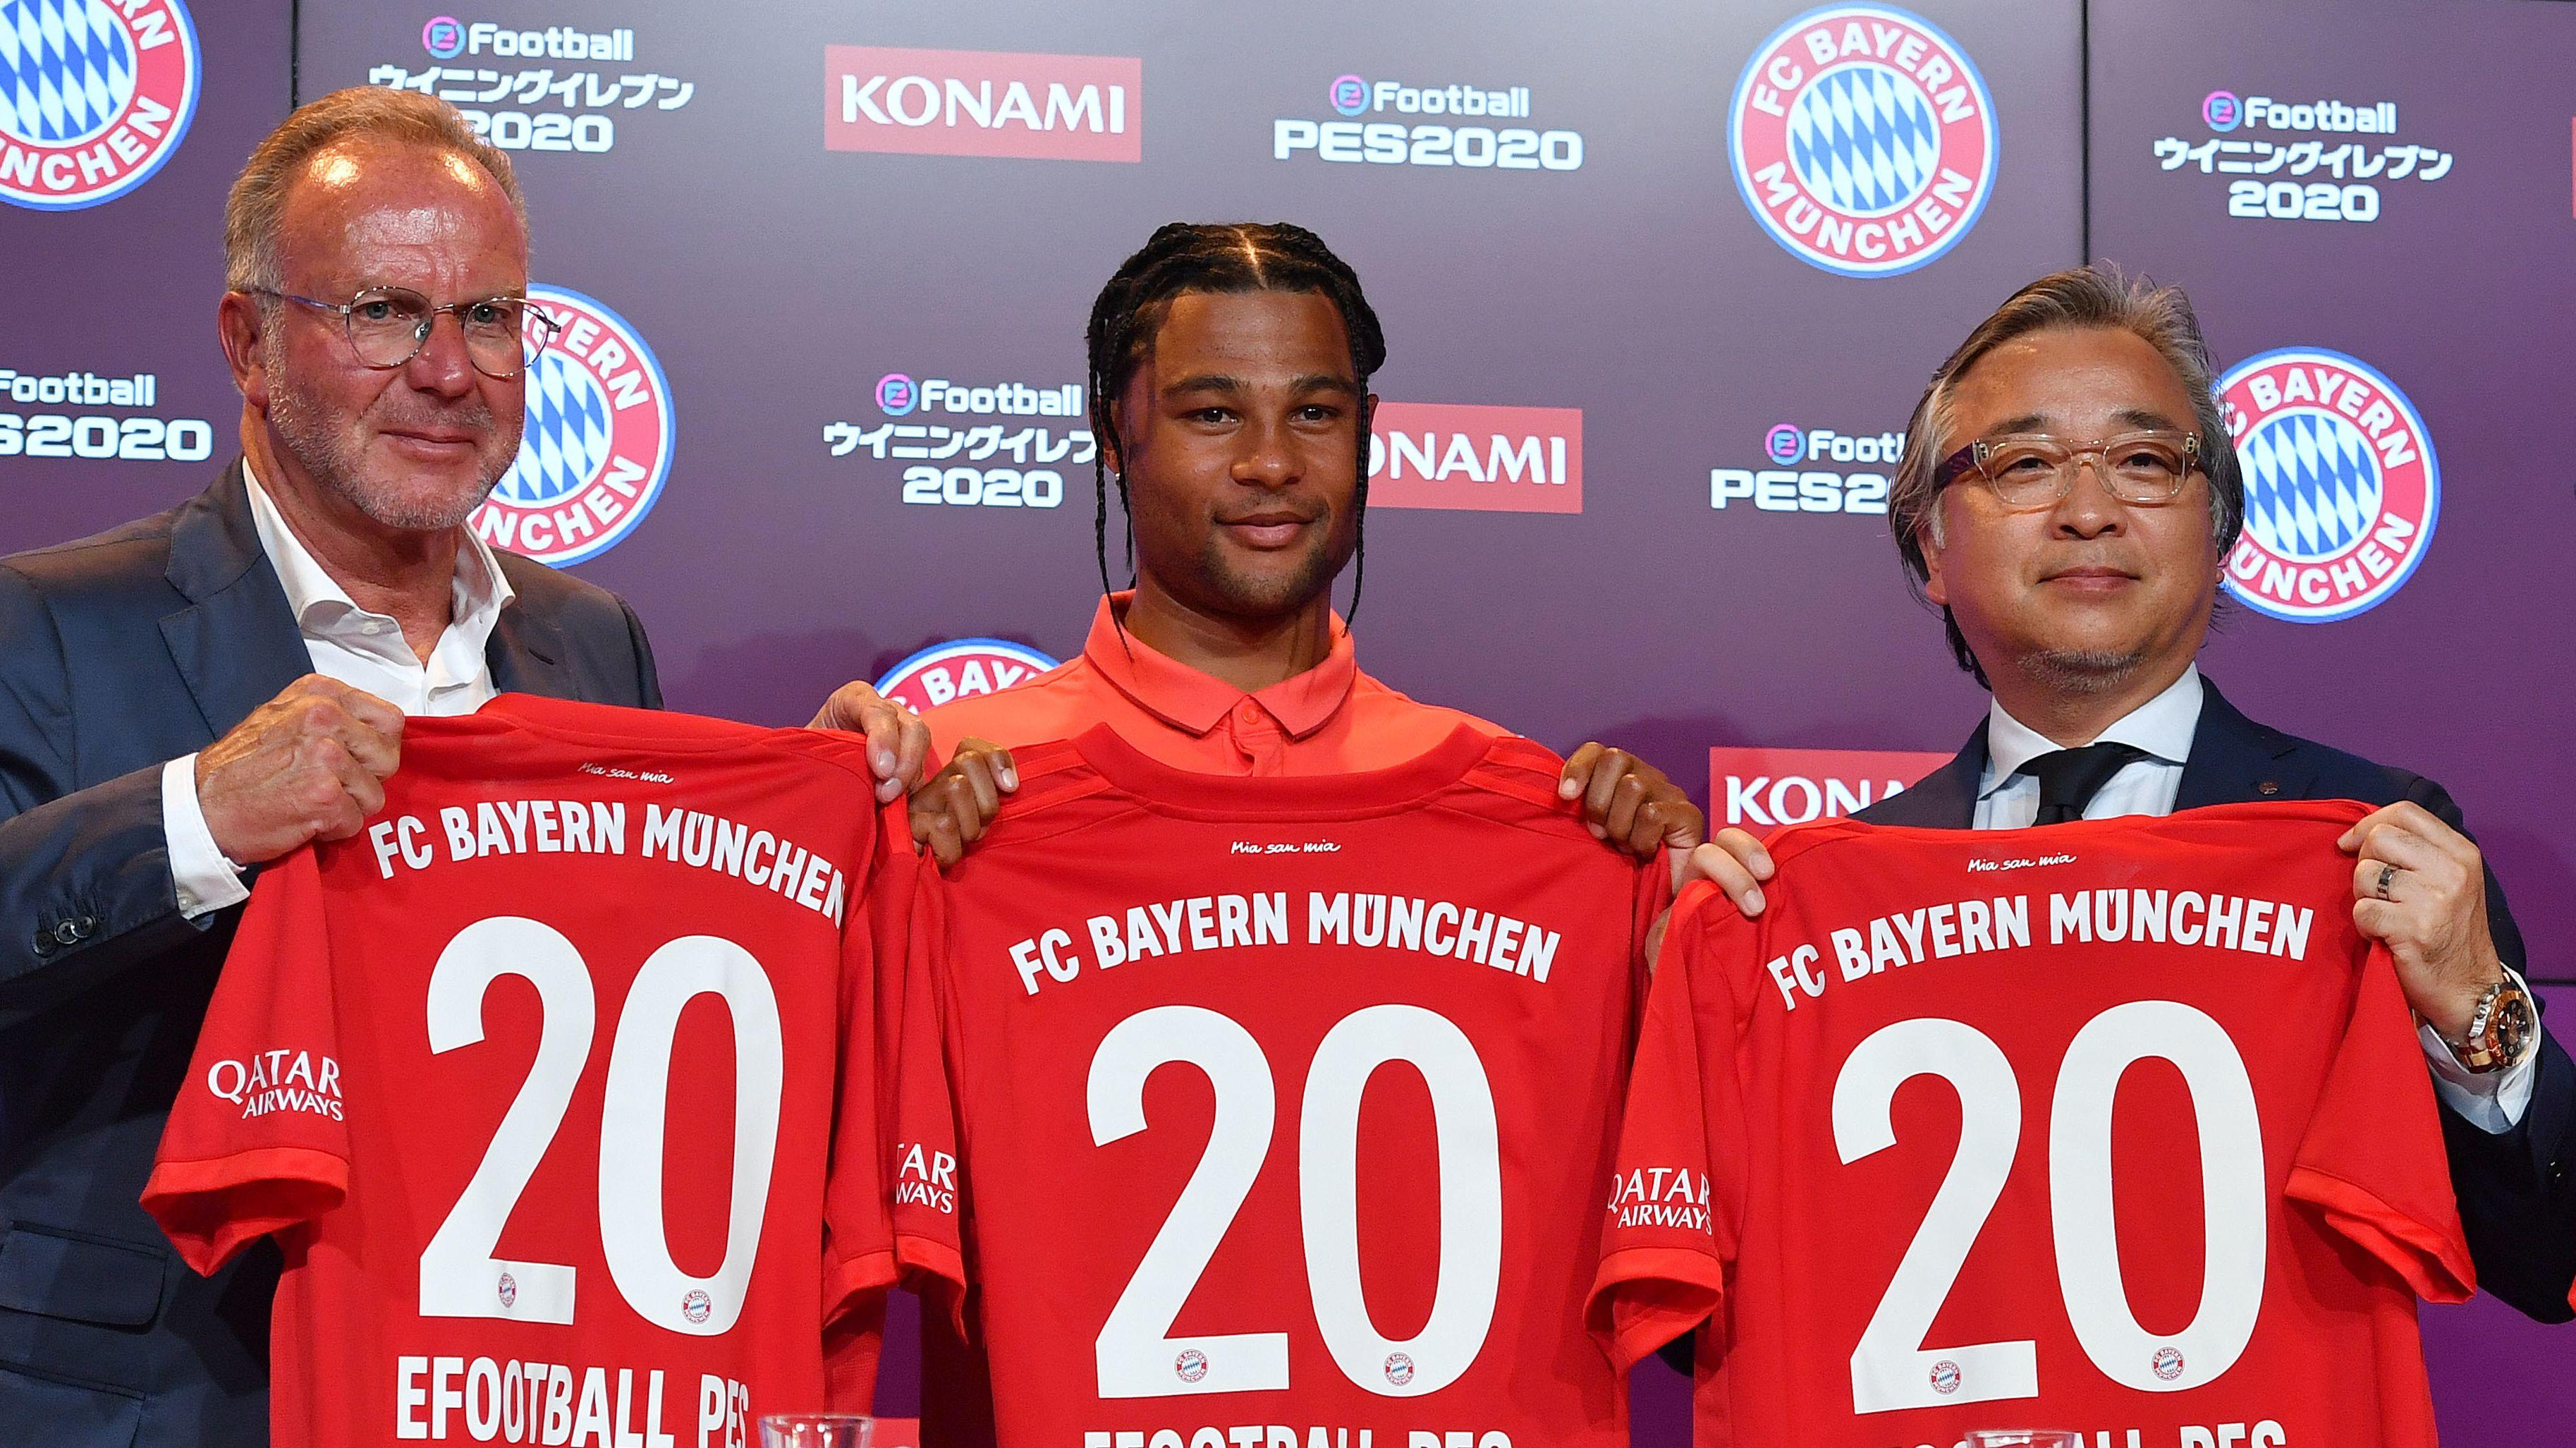 Karl Heinz Rummenigge, Serge Gnabry und Konami-Geschäftsführer Masami Saso (von links)